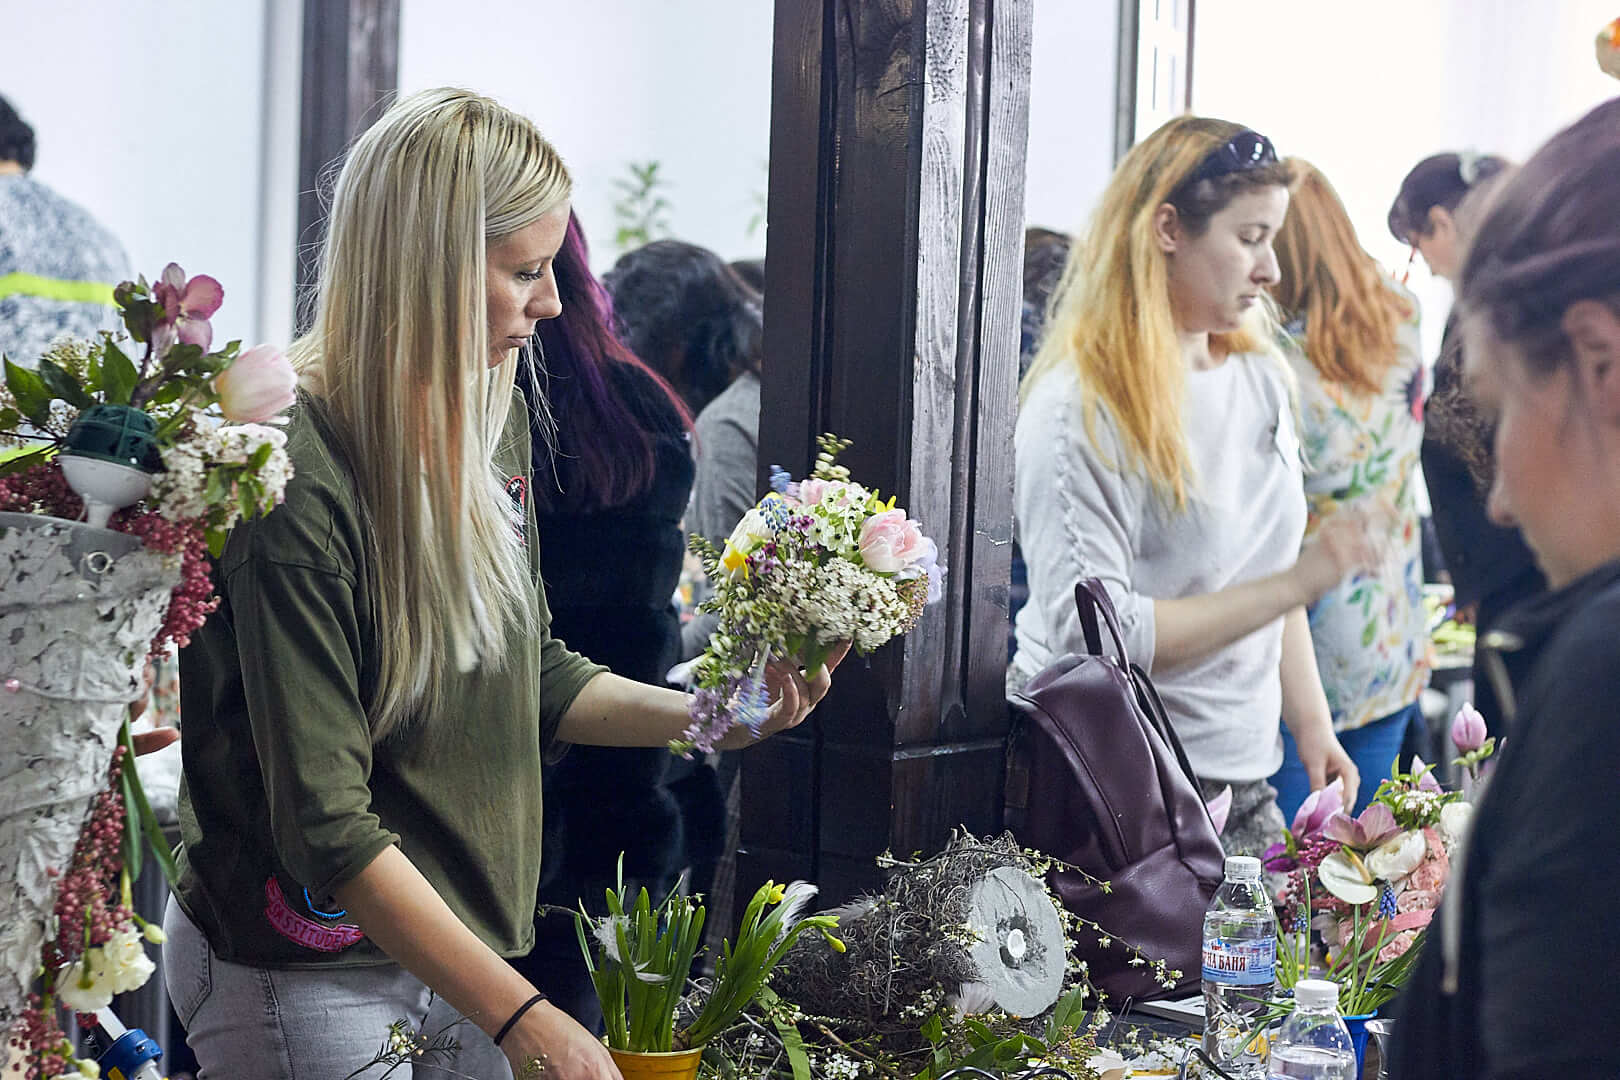 radko_ivanov_chapov_florist_floral_design_floristik_seminar_demo_10